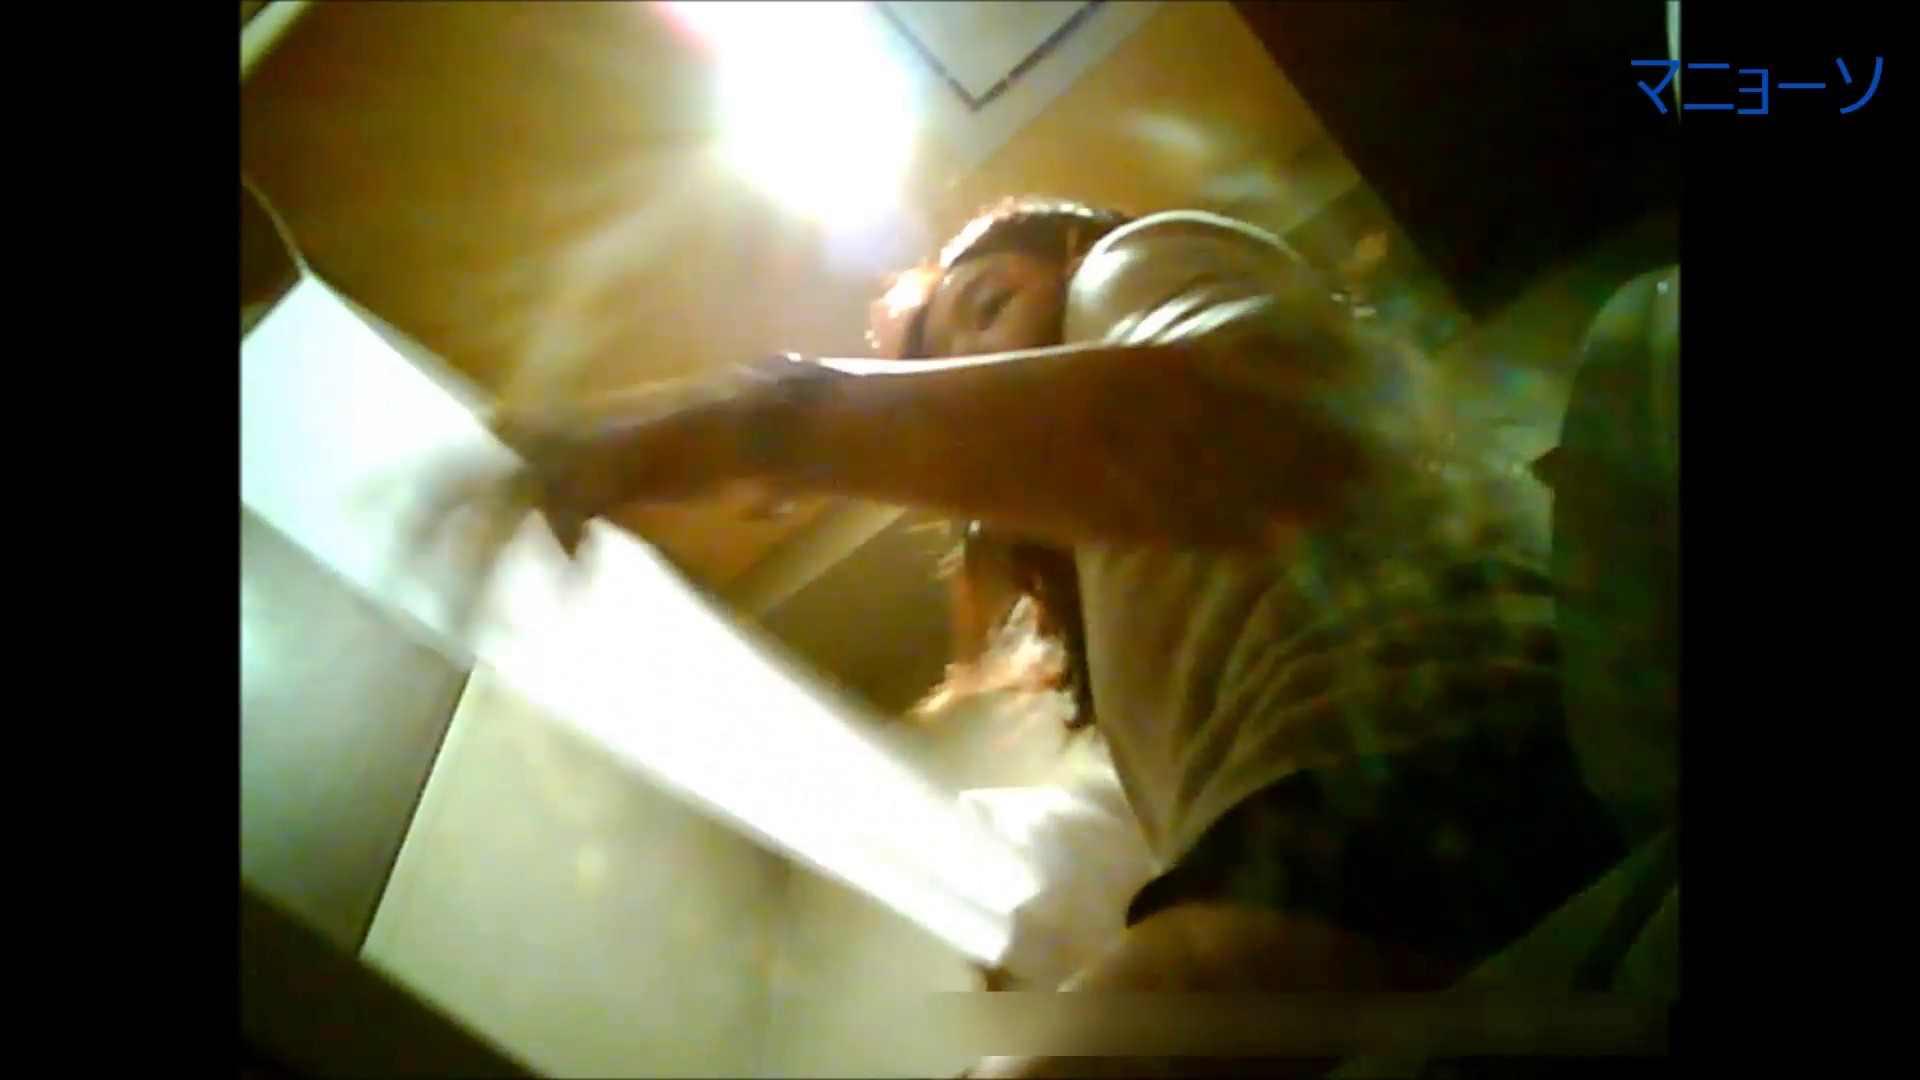 トイレでひと肌脱いでもらいました (OL編)Vol.05 盛合せ すけべAV動画紹介 82画像 72